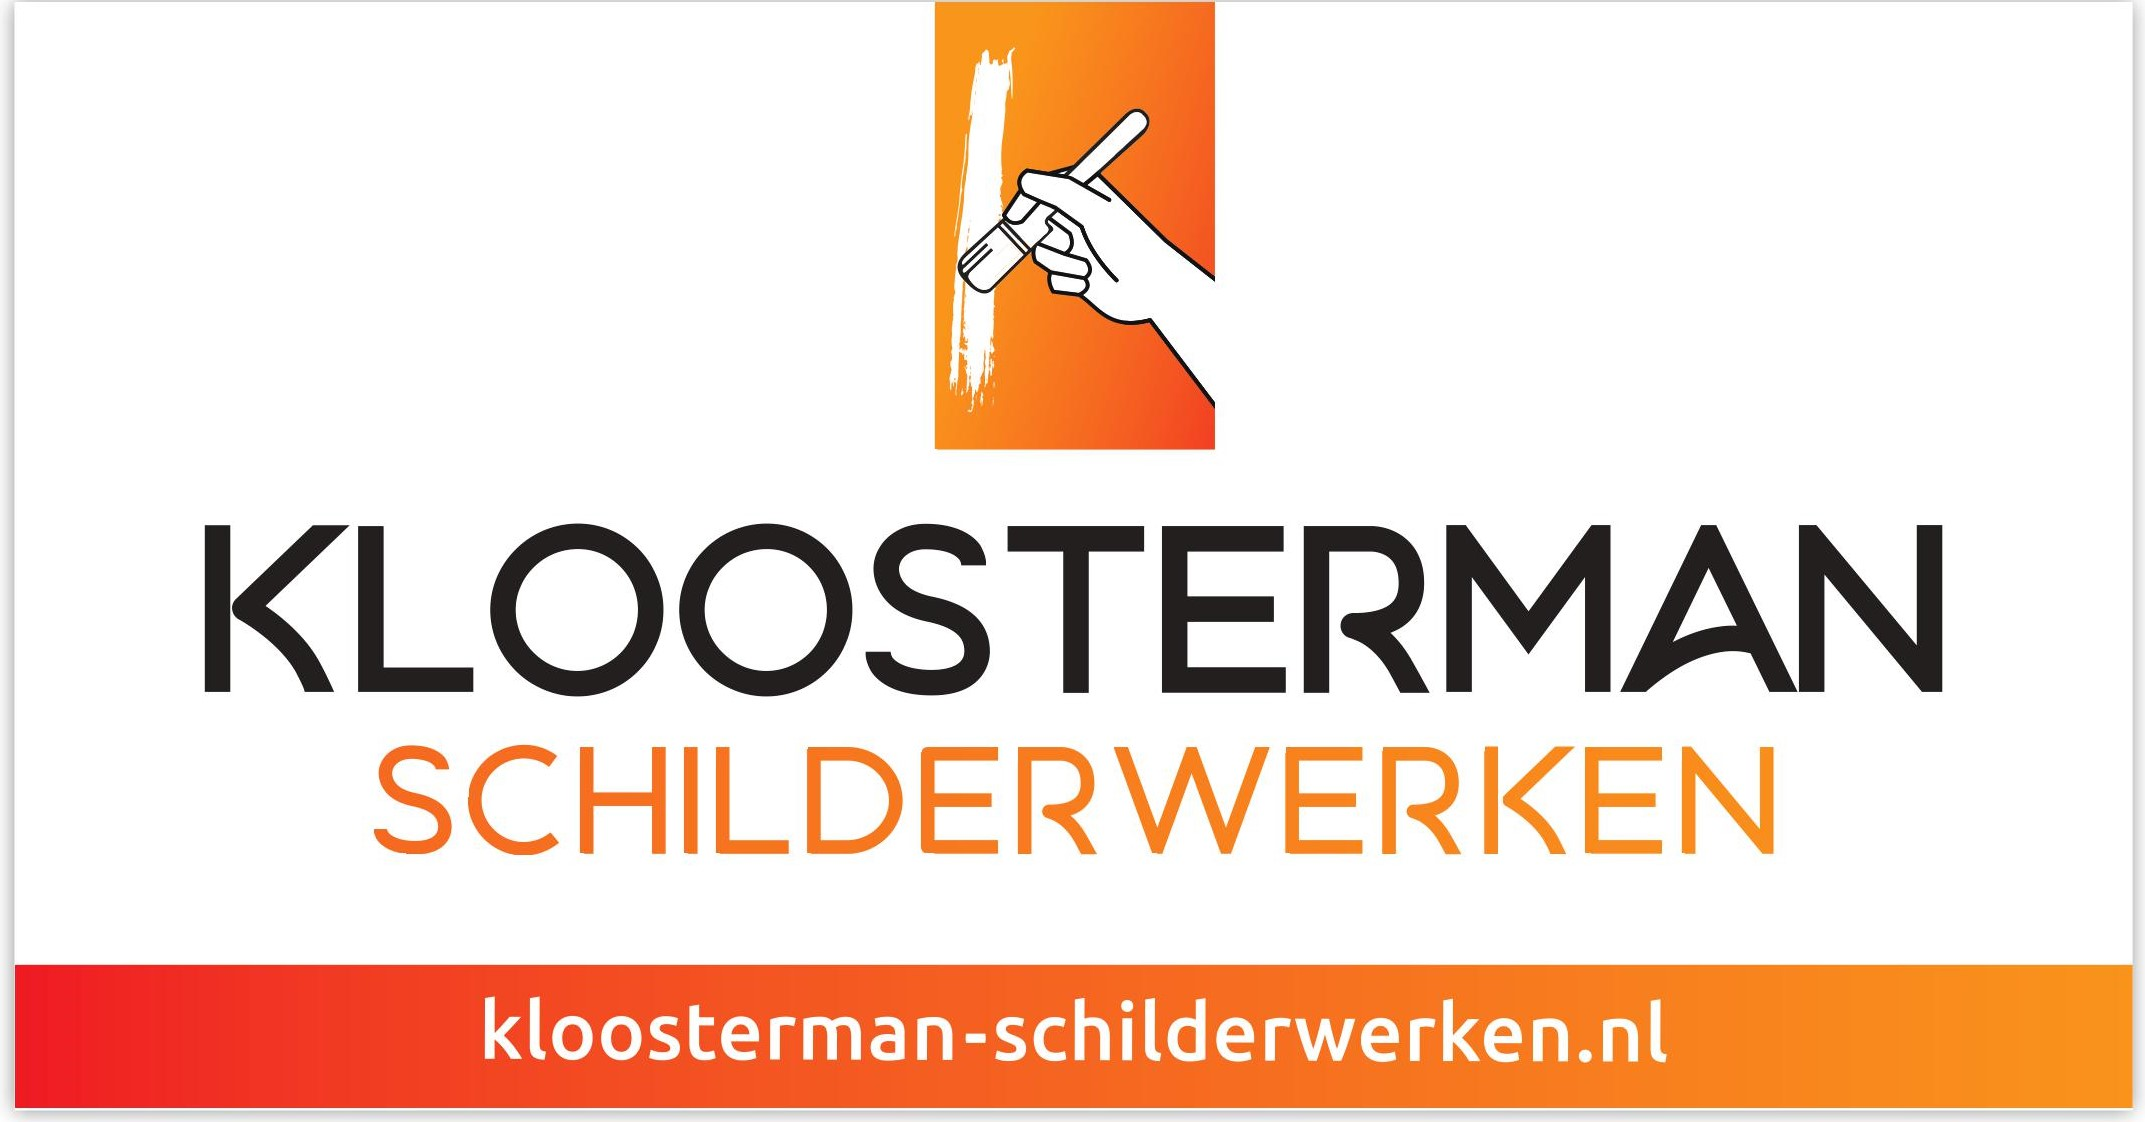 Kloosterman Schilderwerken